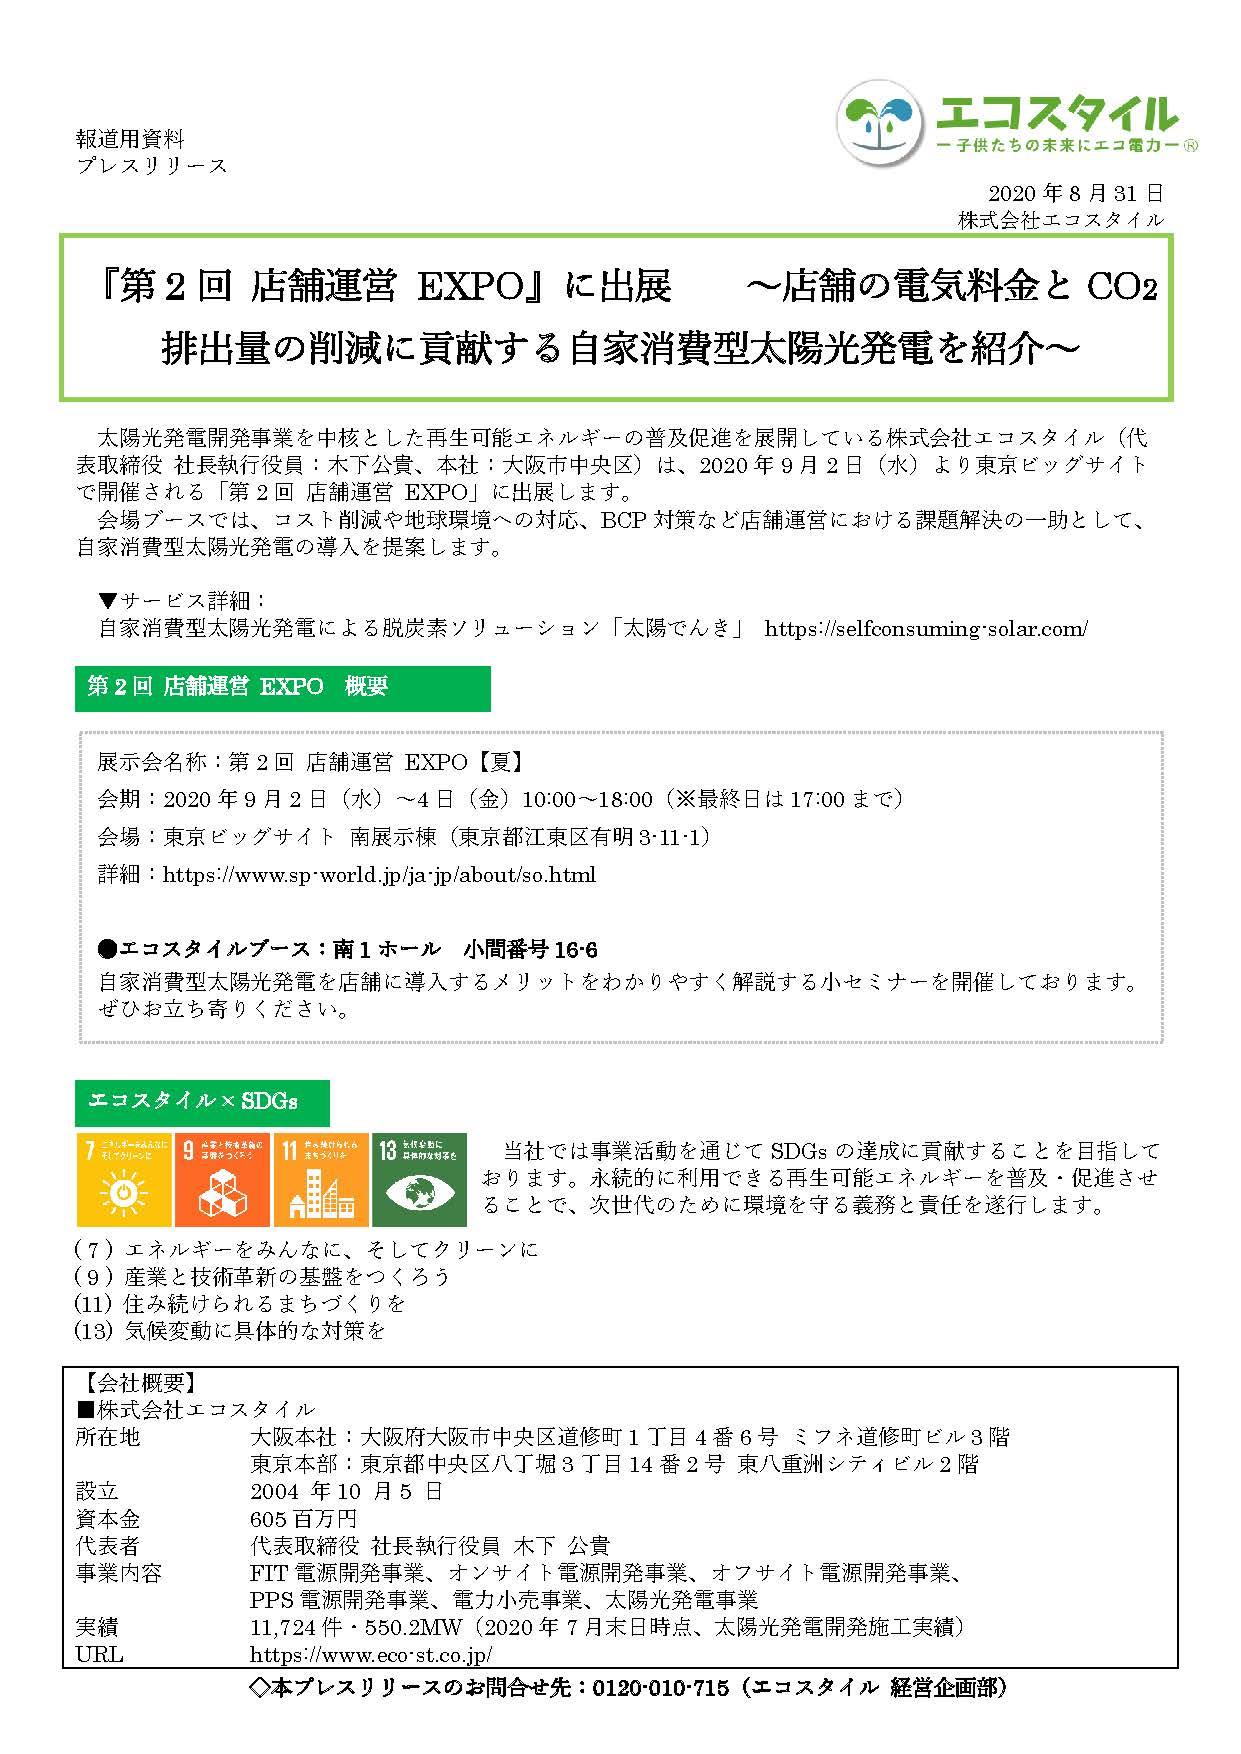 『第2回 店舗運営 EXPO』に出展 ~店舗の電気料金とCO2排出量の削減に貢献する自家消費型太陽光発電を紹介~